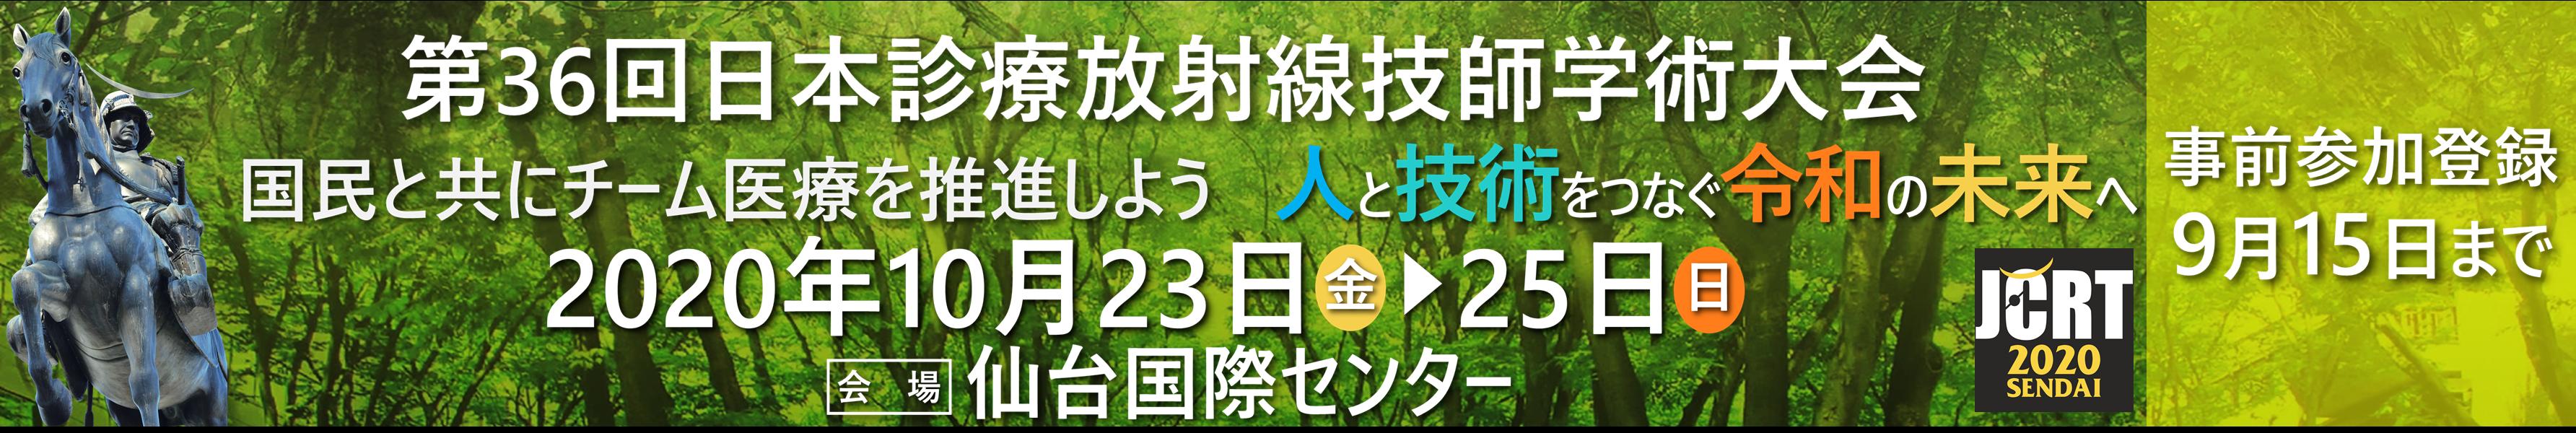 第36回日本診療放射線技師会学術大会演題登録